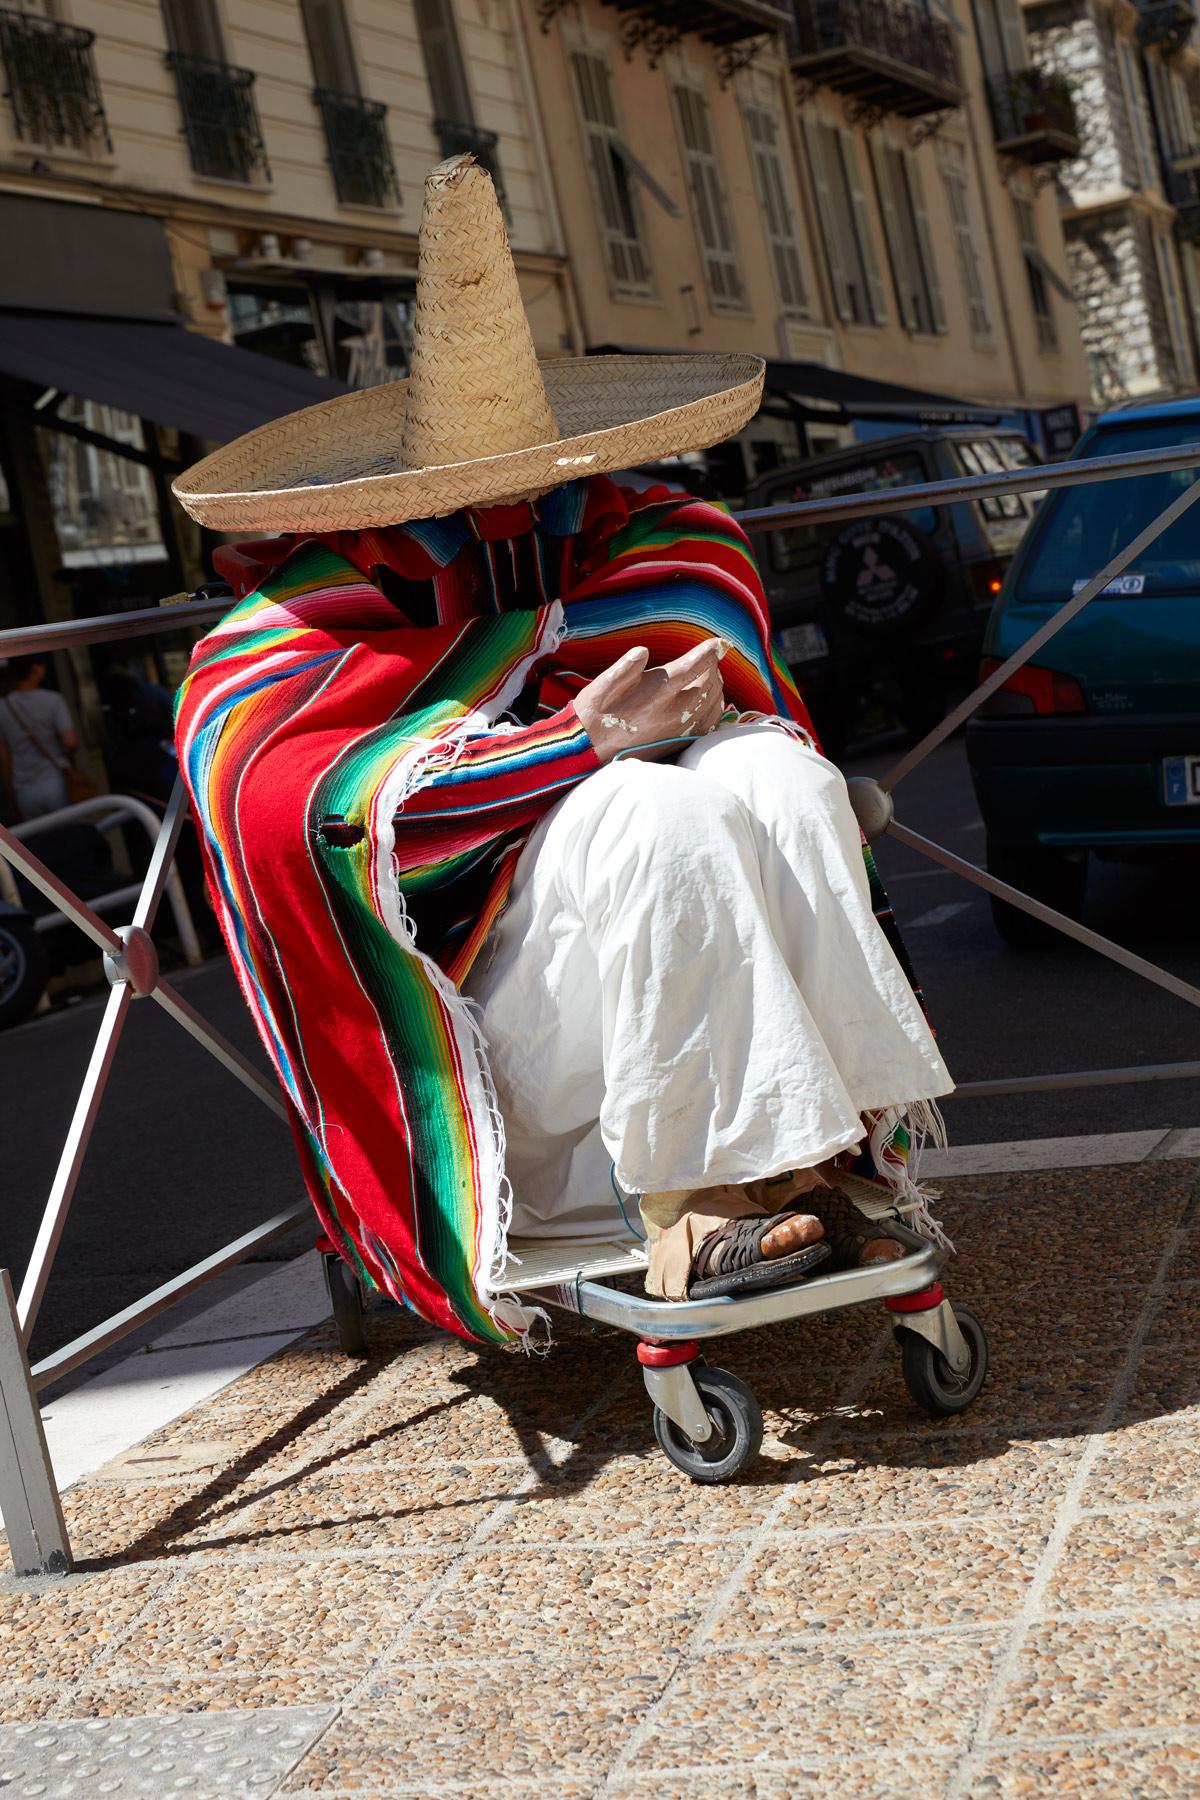 NICE-Strassenszene-Mexikaner-in-Nizza0106   SPRINGER photography